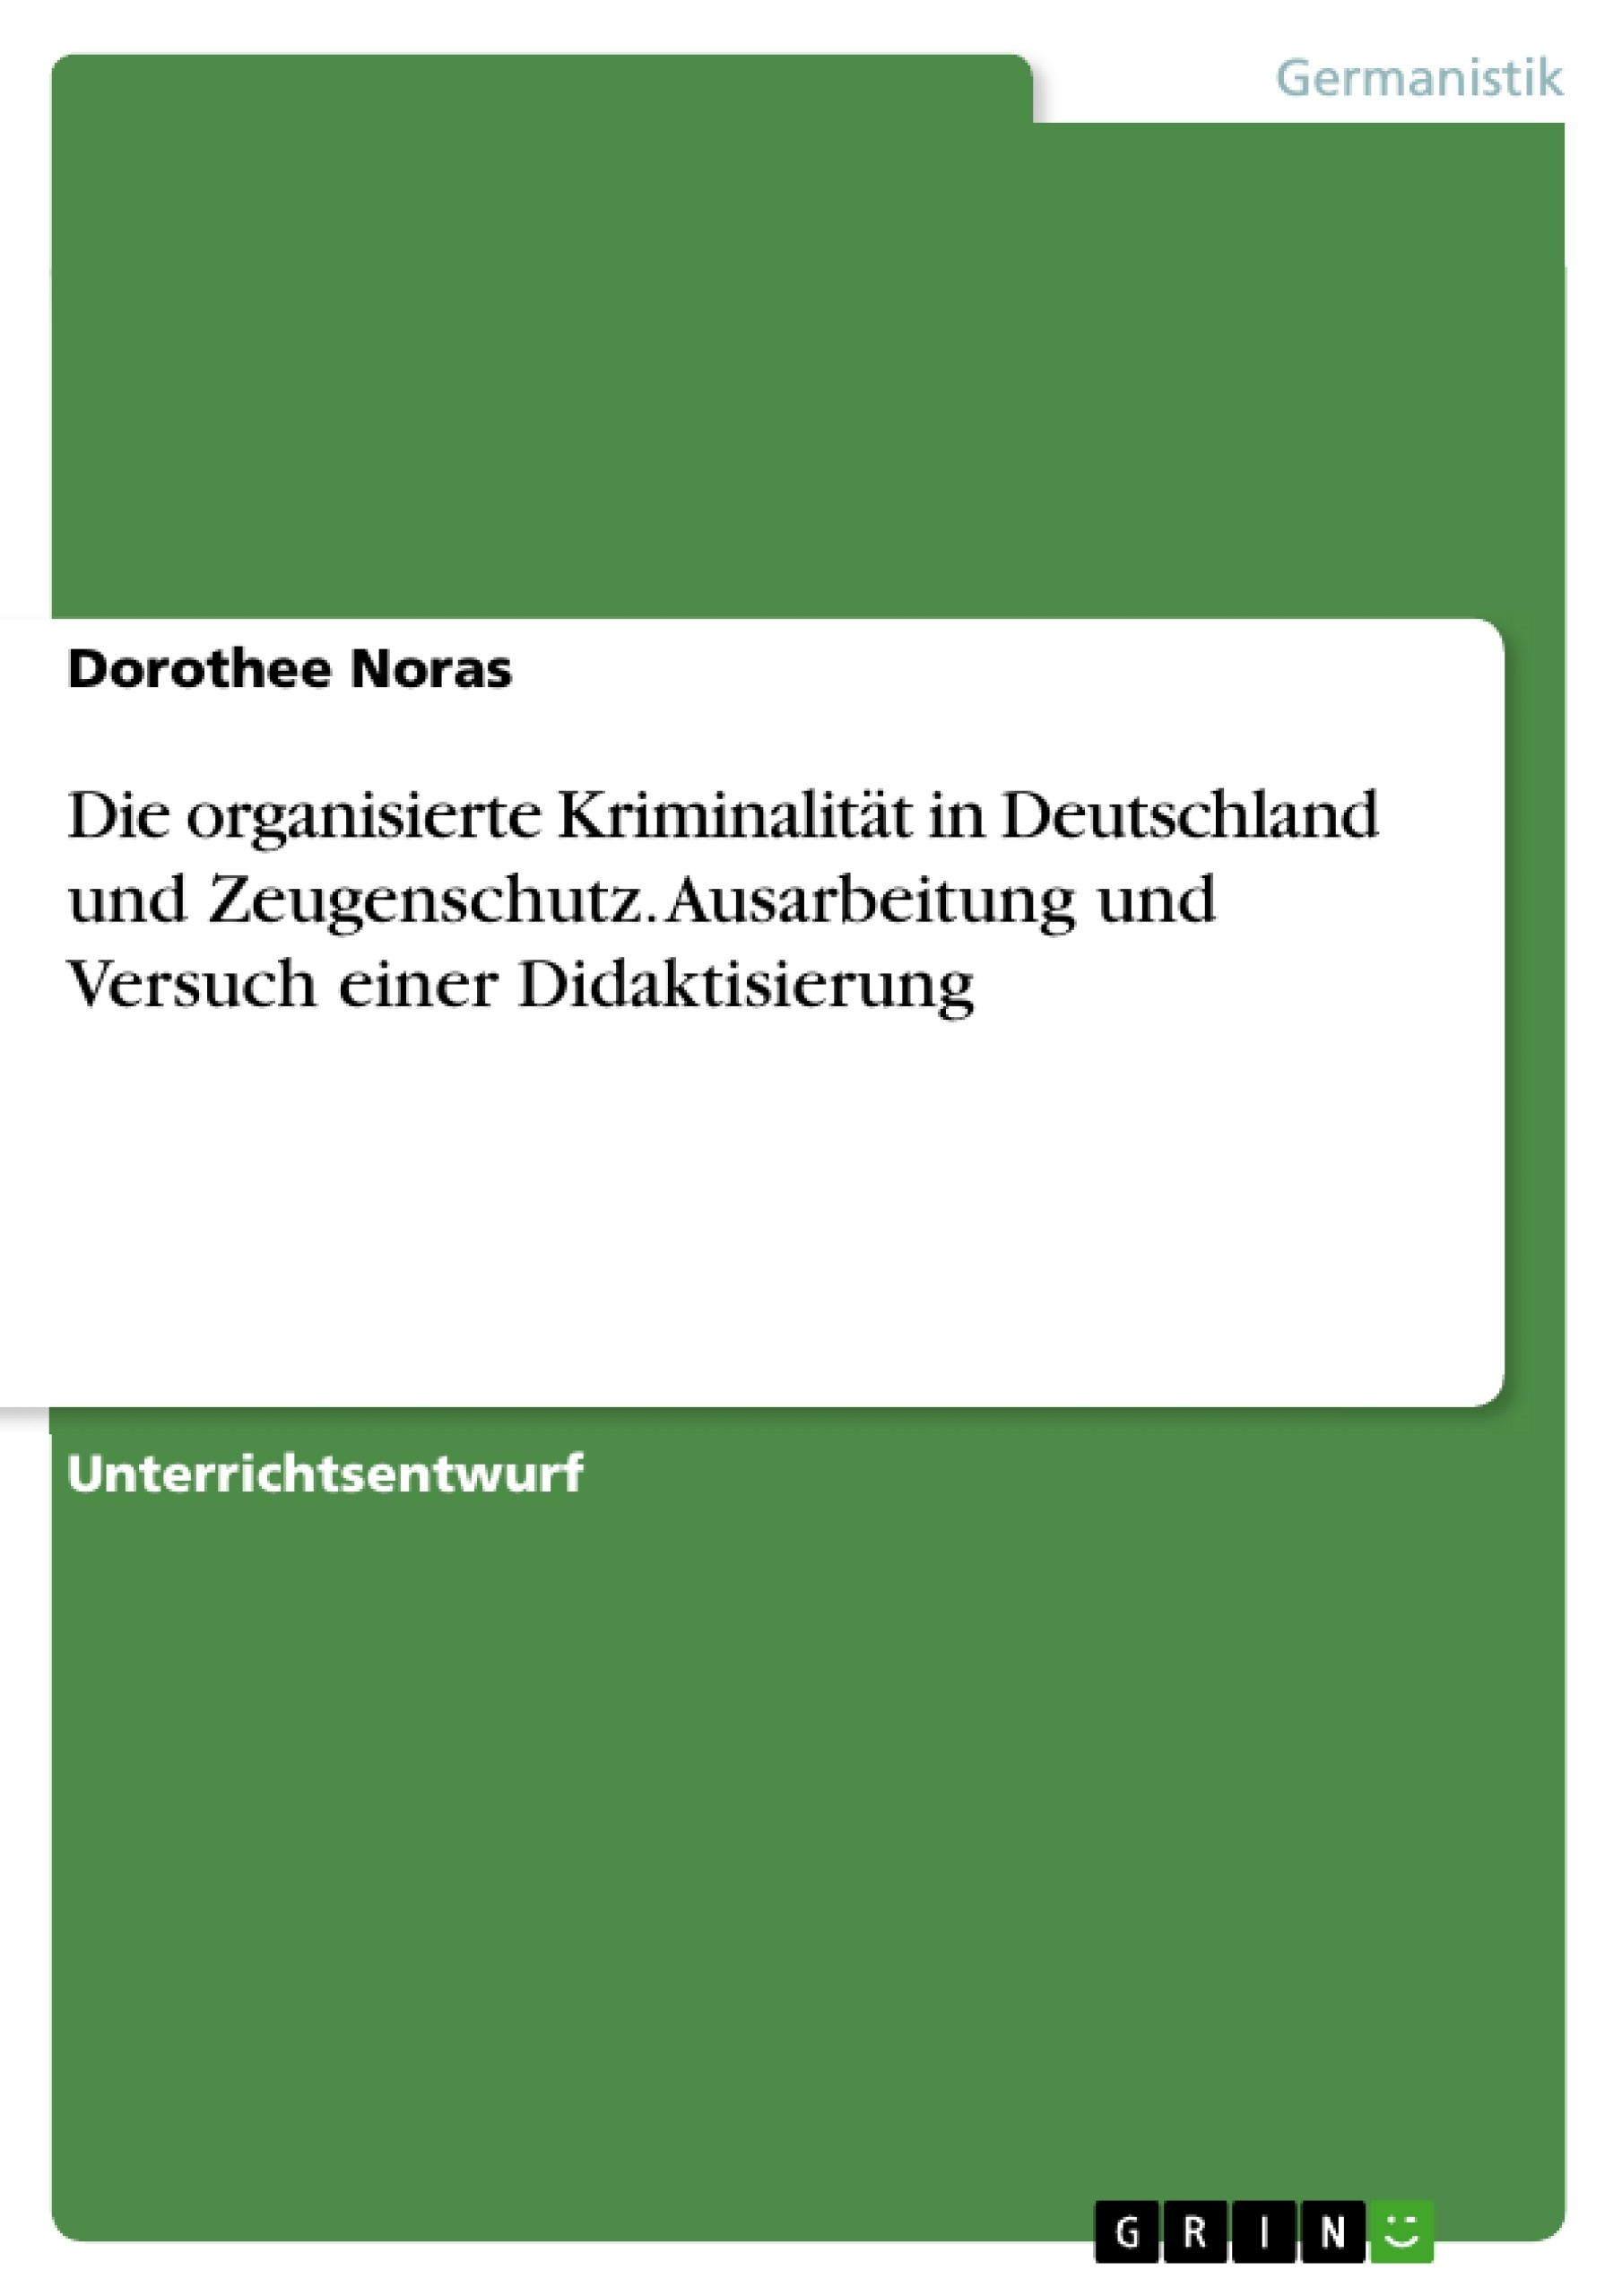 Titel: Die organisierte Kriminalität in Deutschland und Zeugenschutz. Ausarbeitung und Versuch einer Didaktisierung